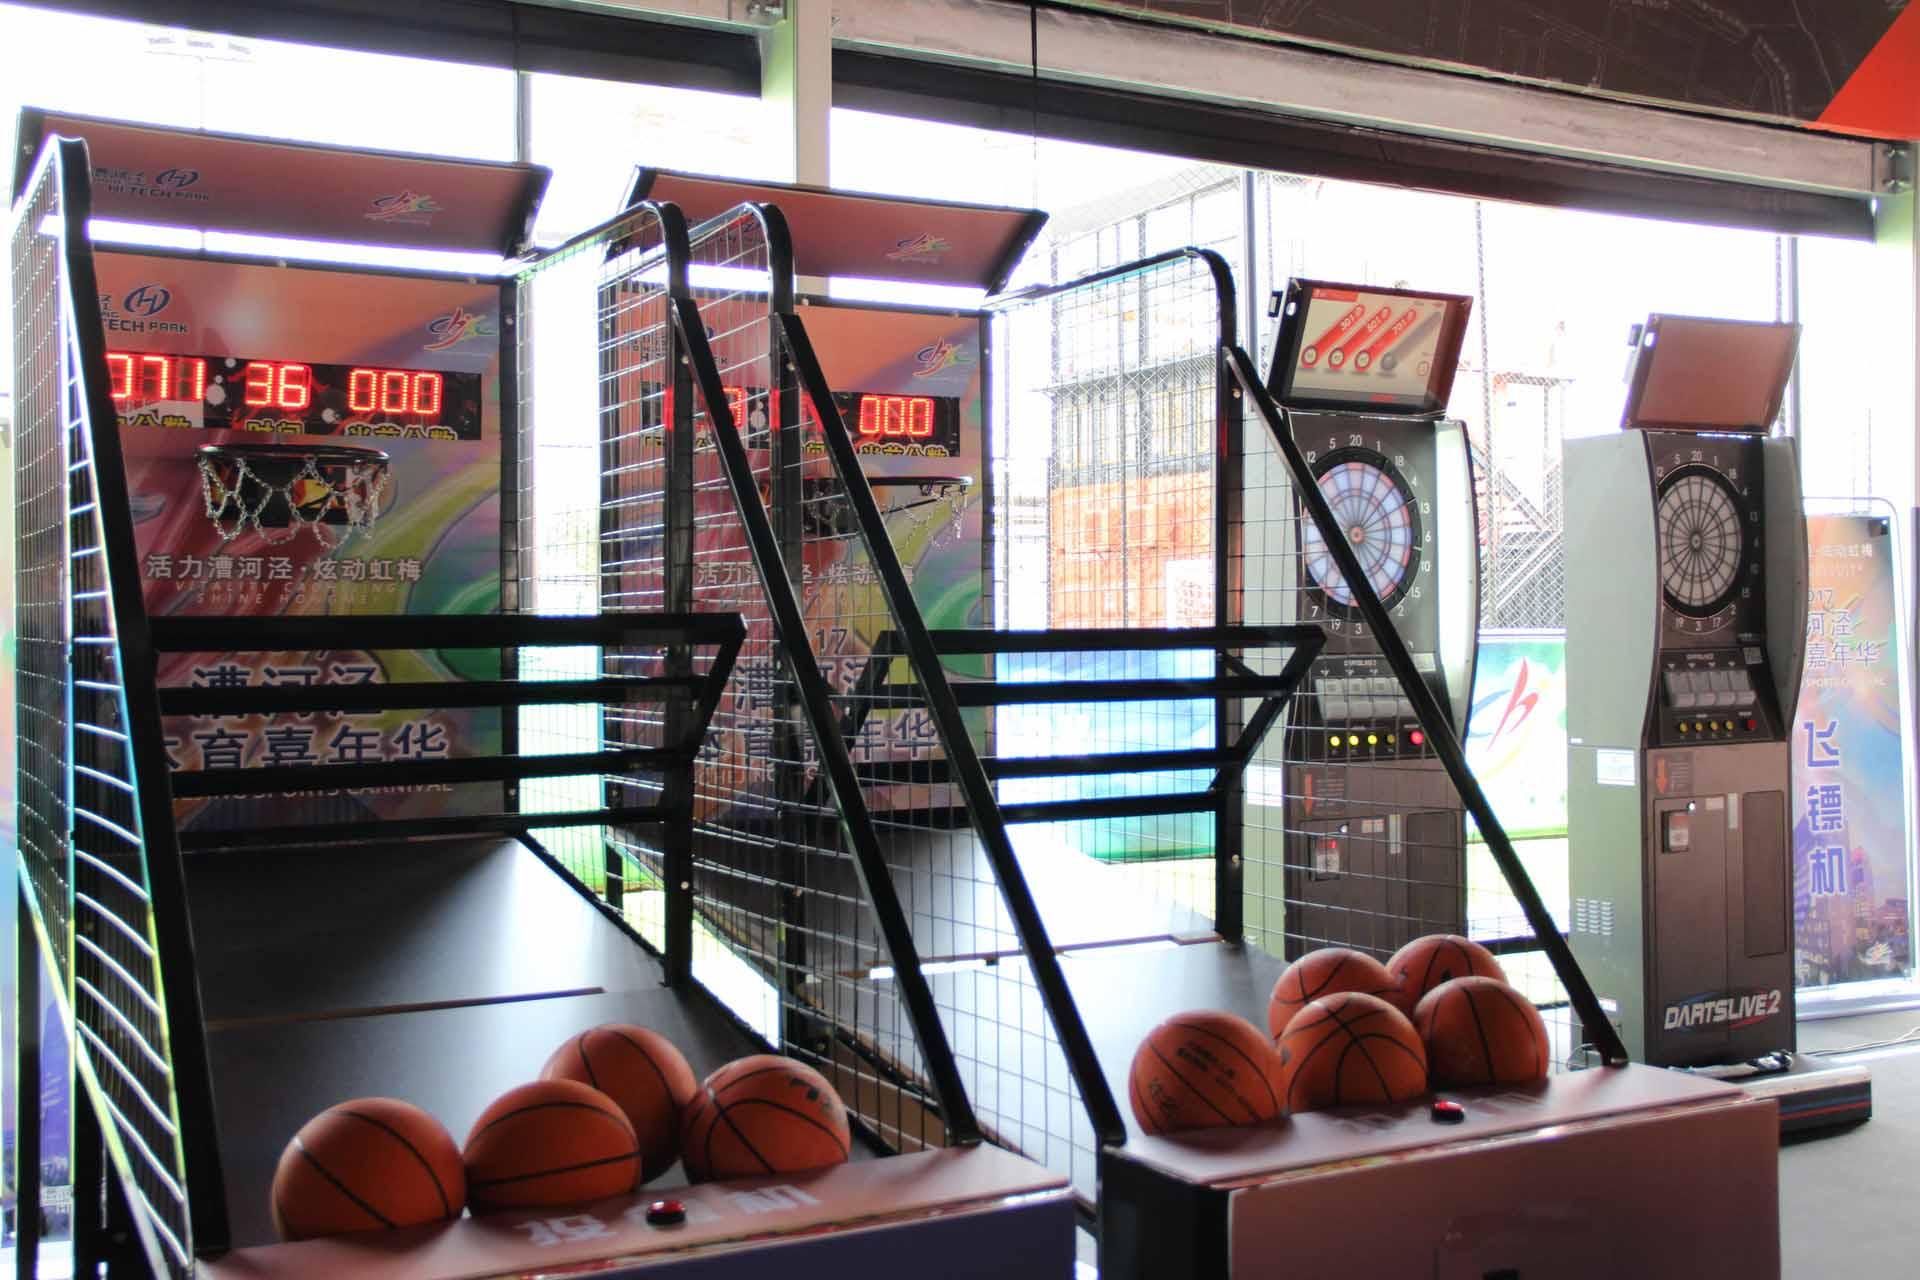 蘇州籃球機廠家-流行籃球機推薦